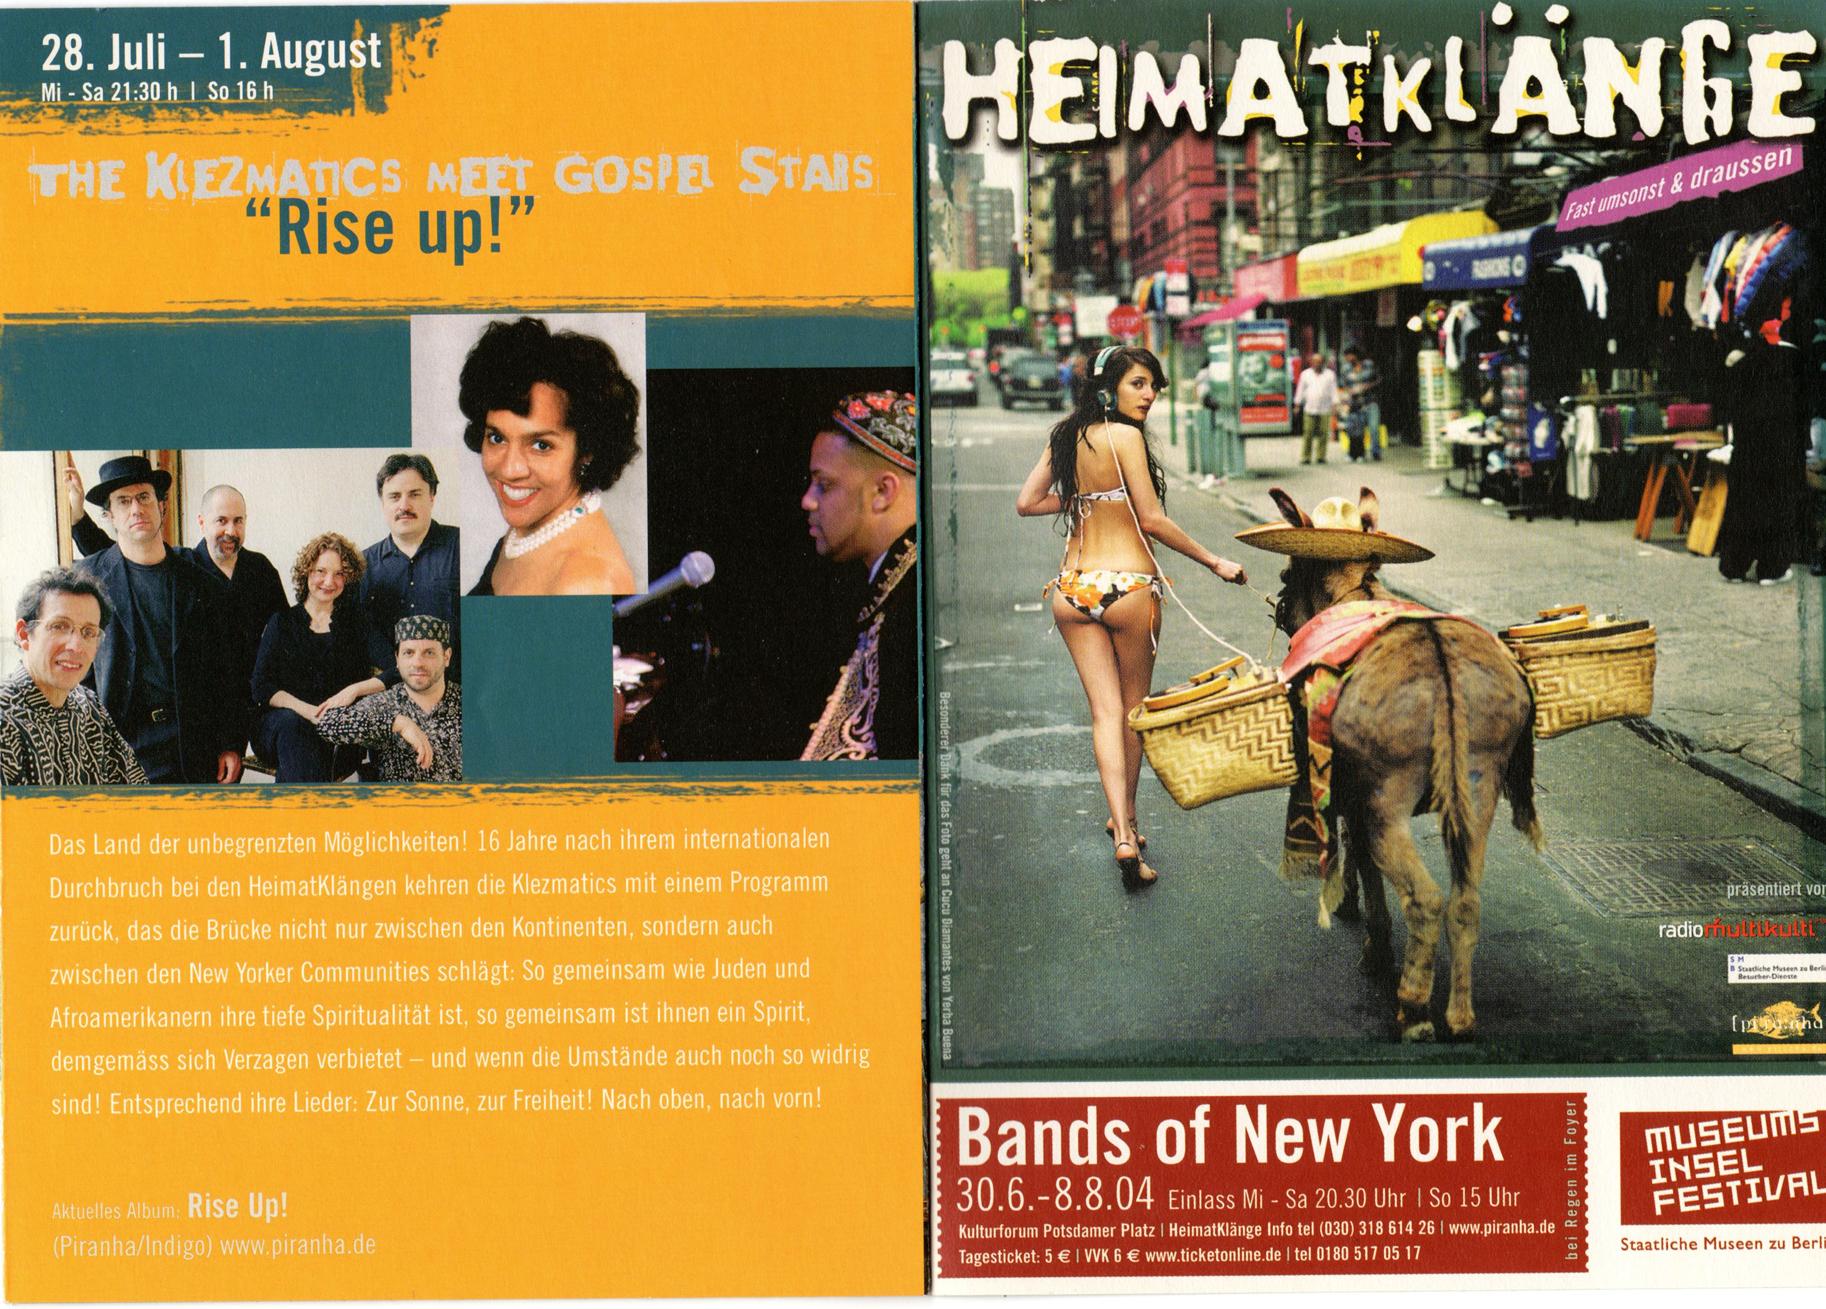 klezmatics ad 2004.png